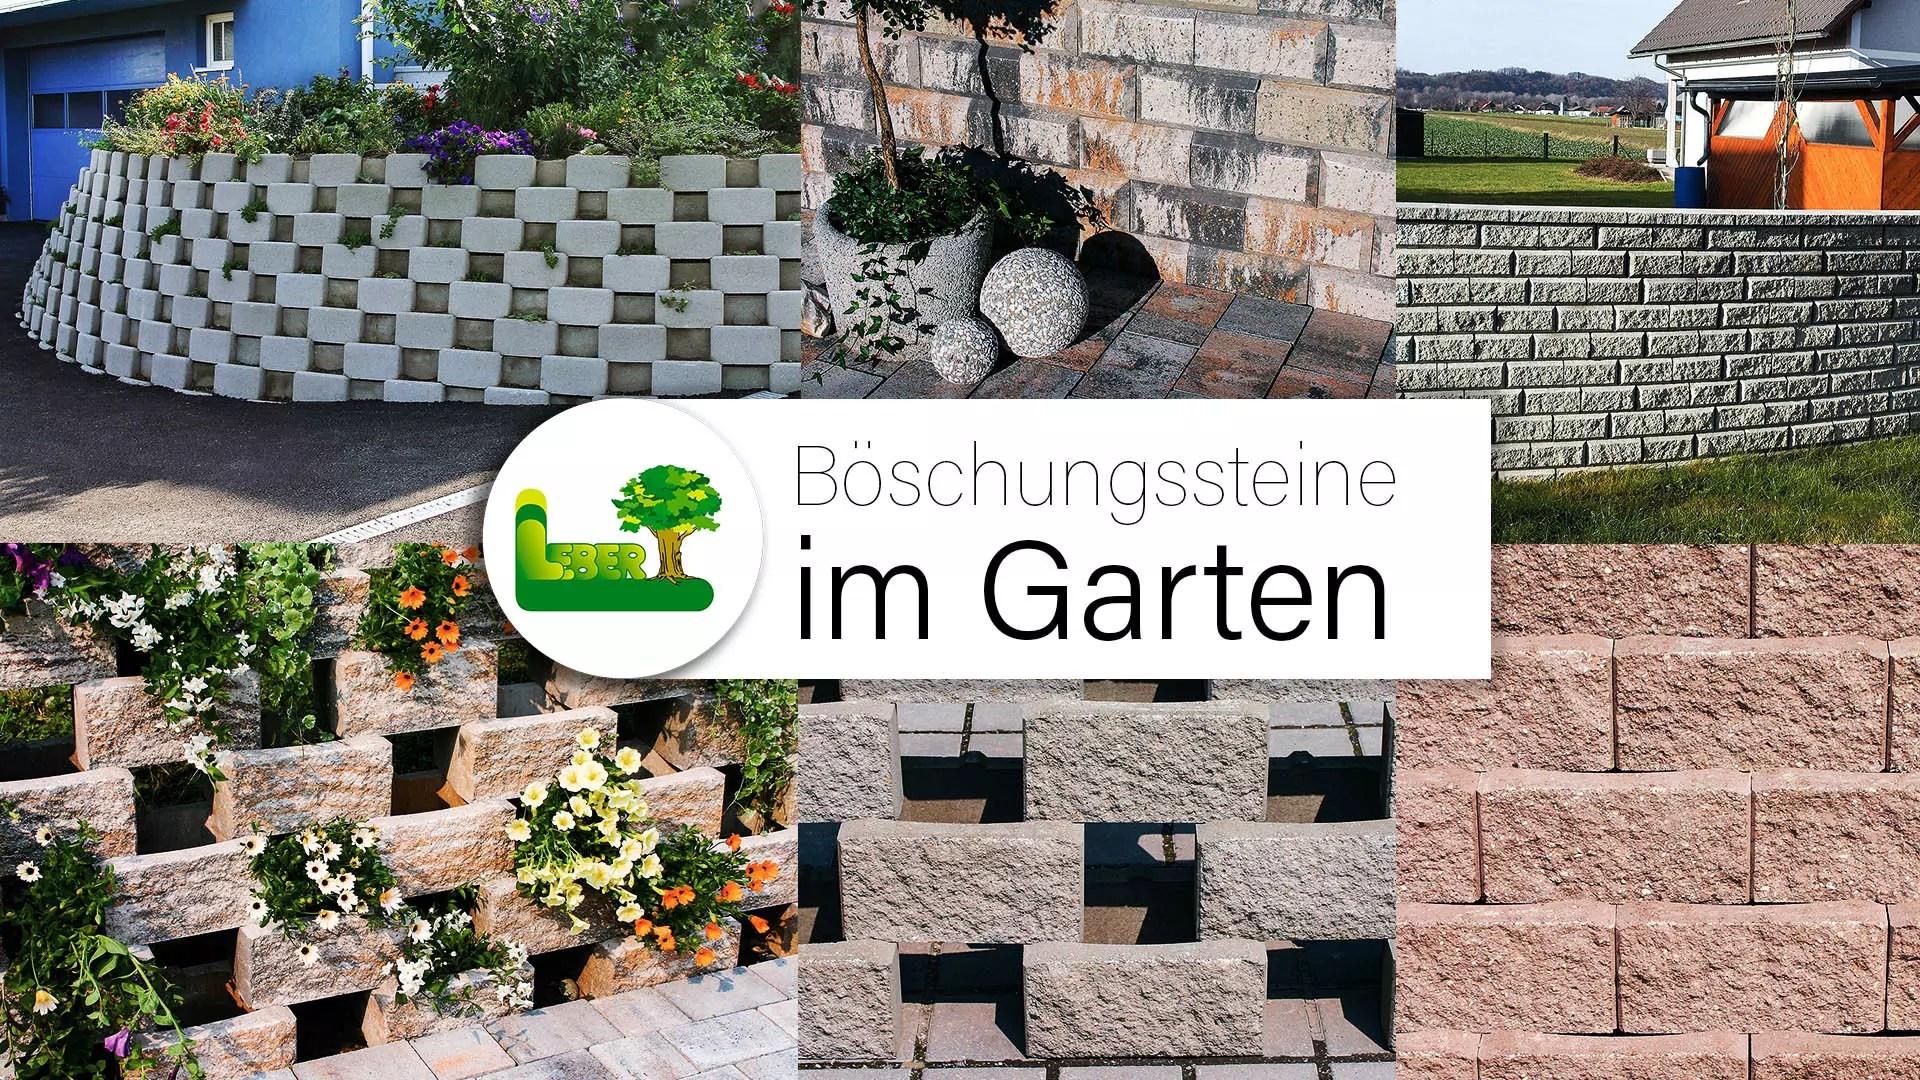 Böschungssteine im Garten mit Garten Leber aus Steiermark.